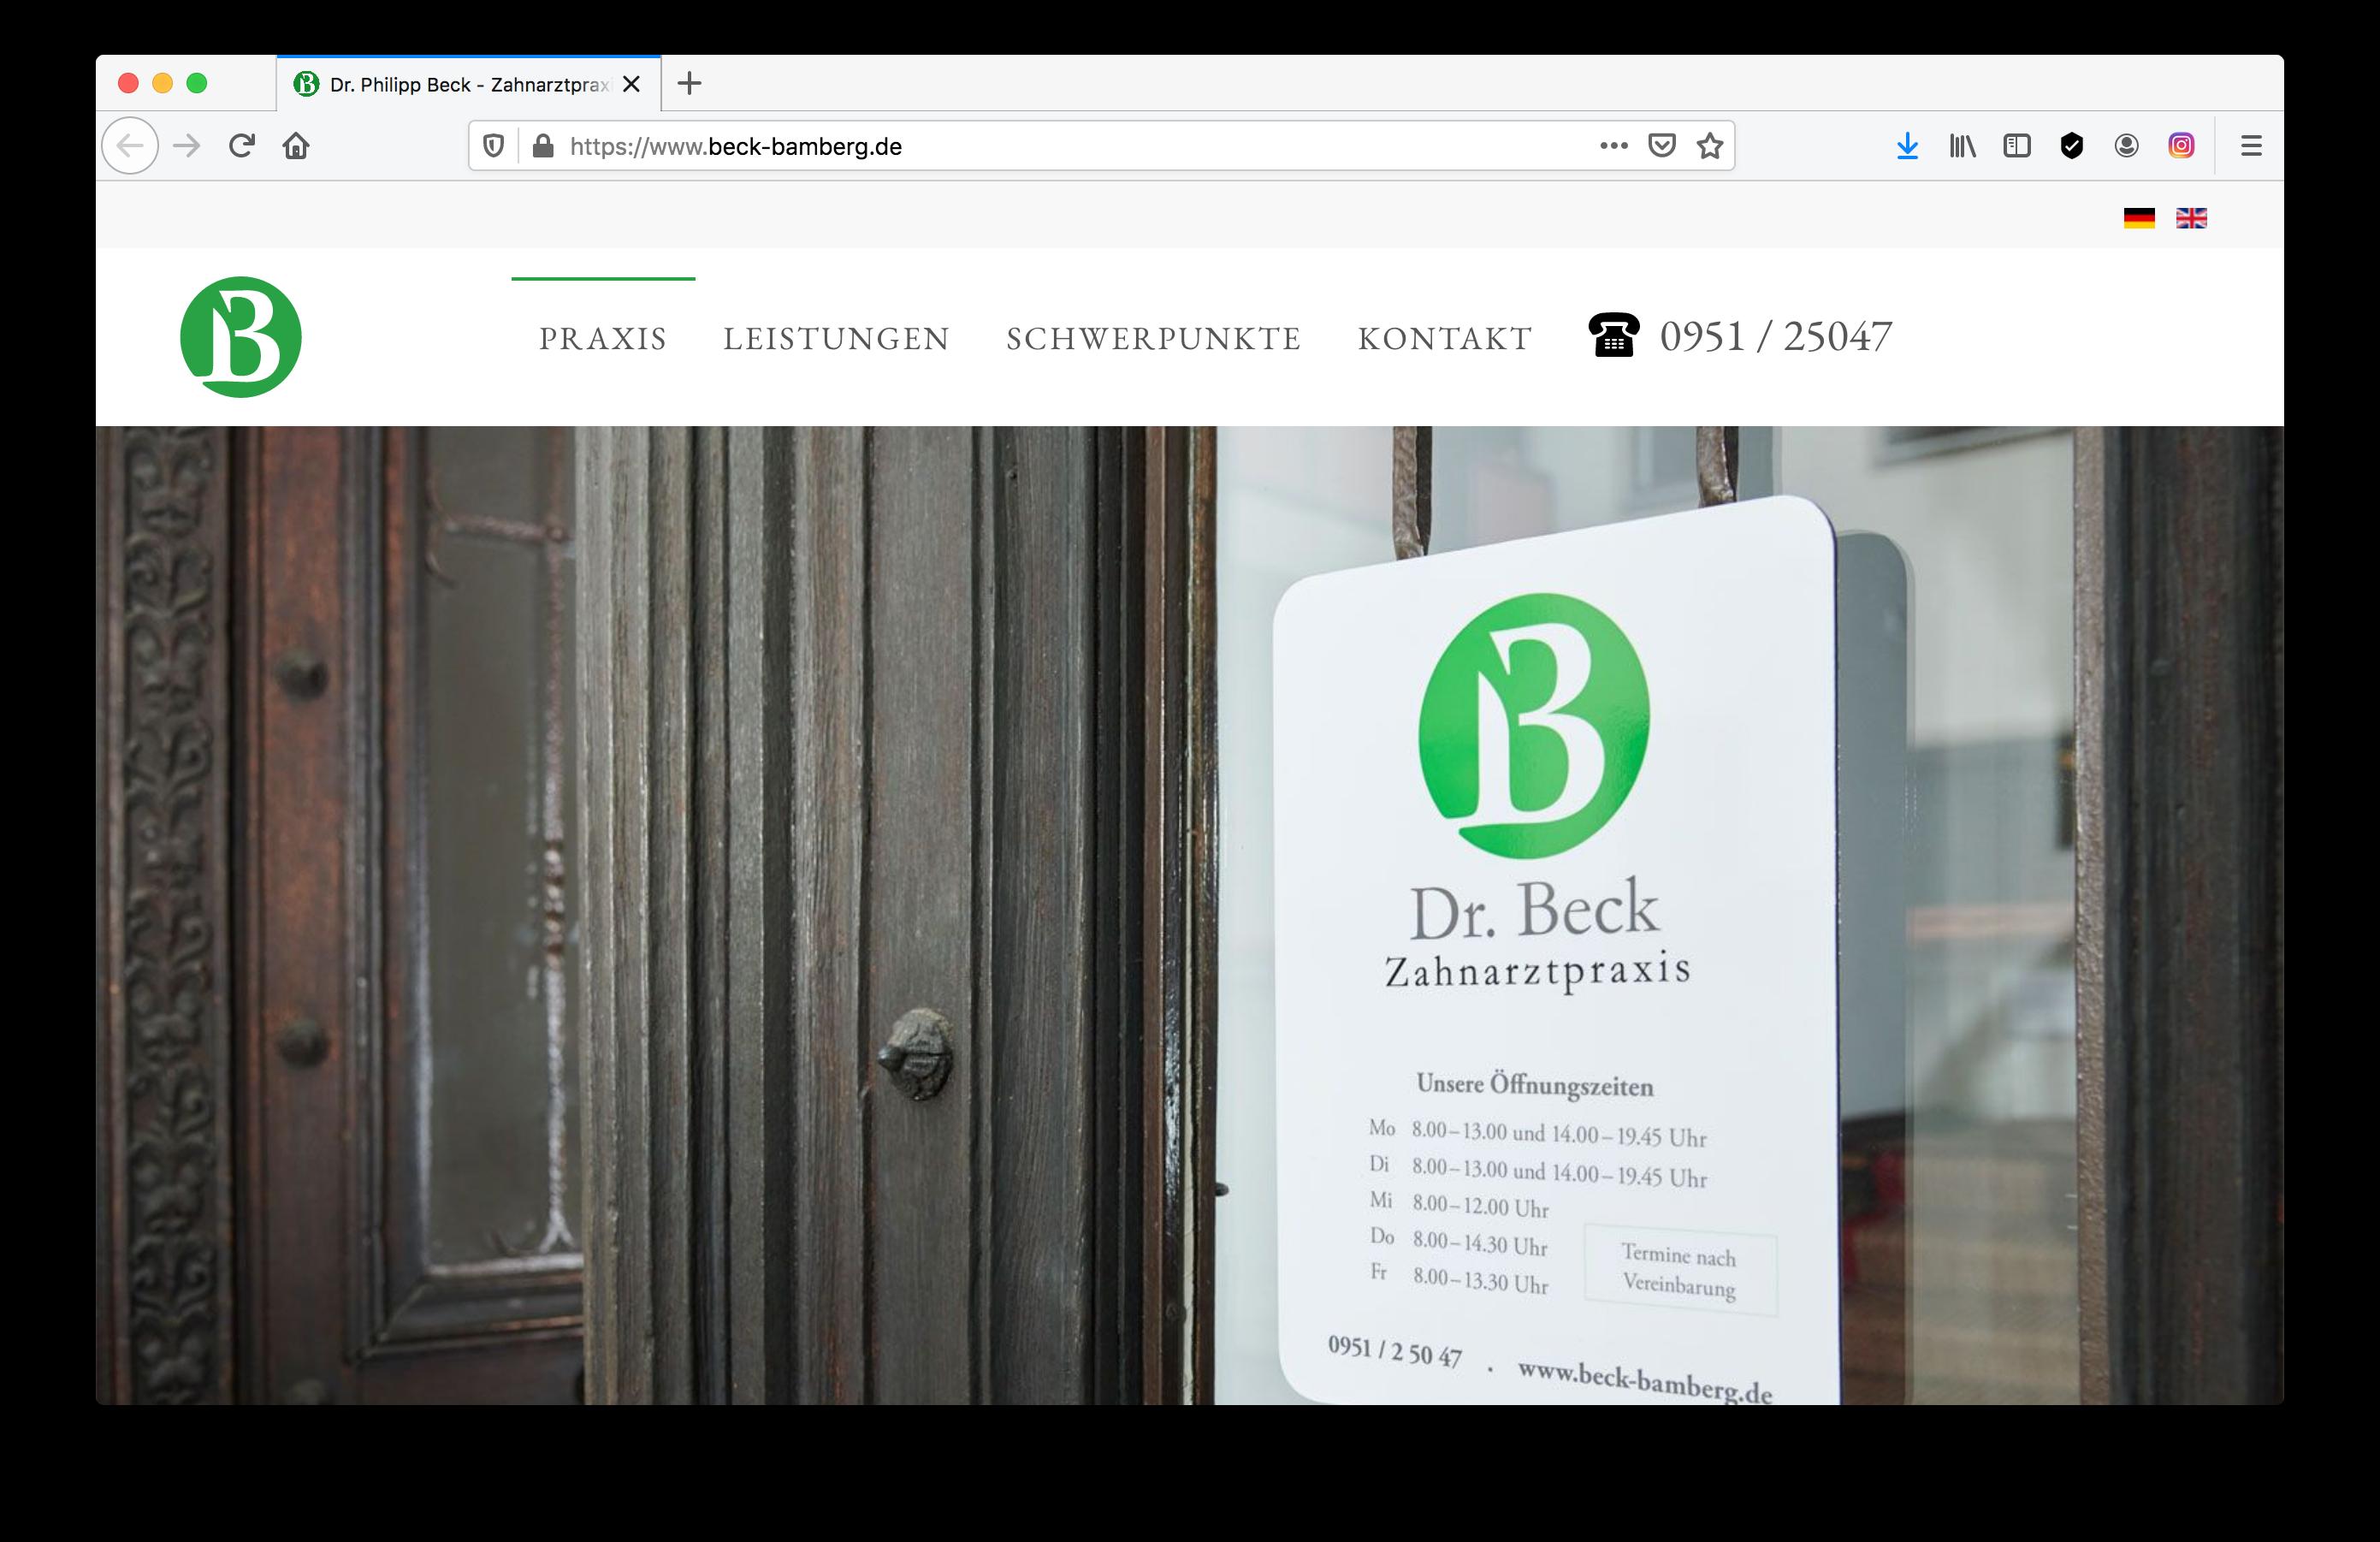 www.beck-bamberg.de